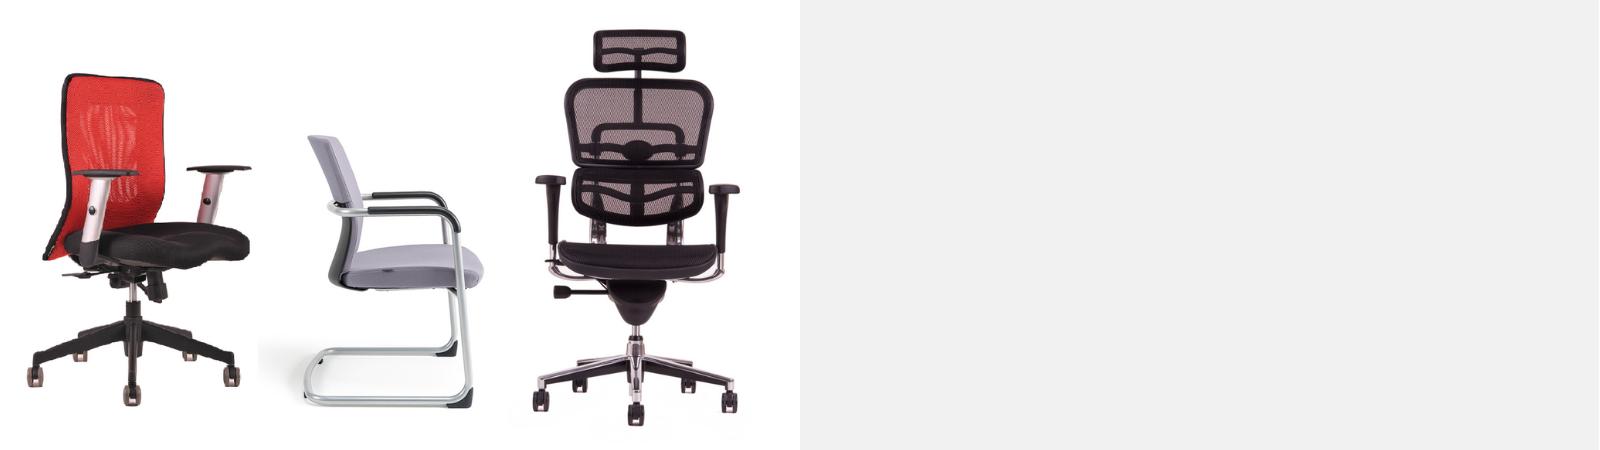 Široká nabídka židlí